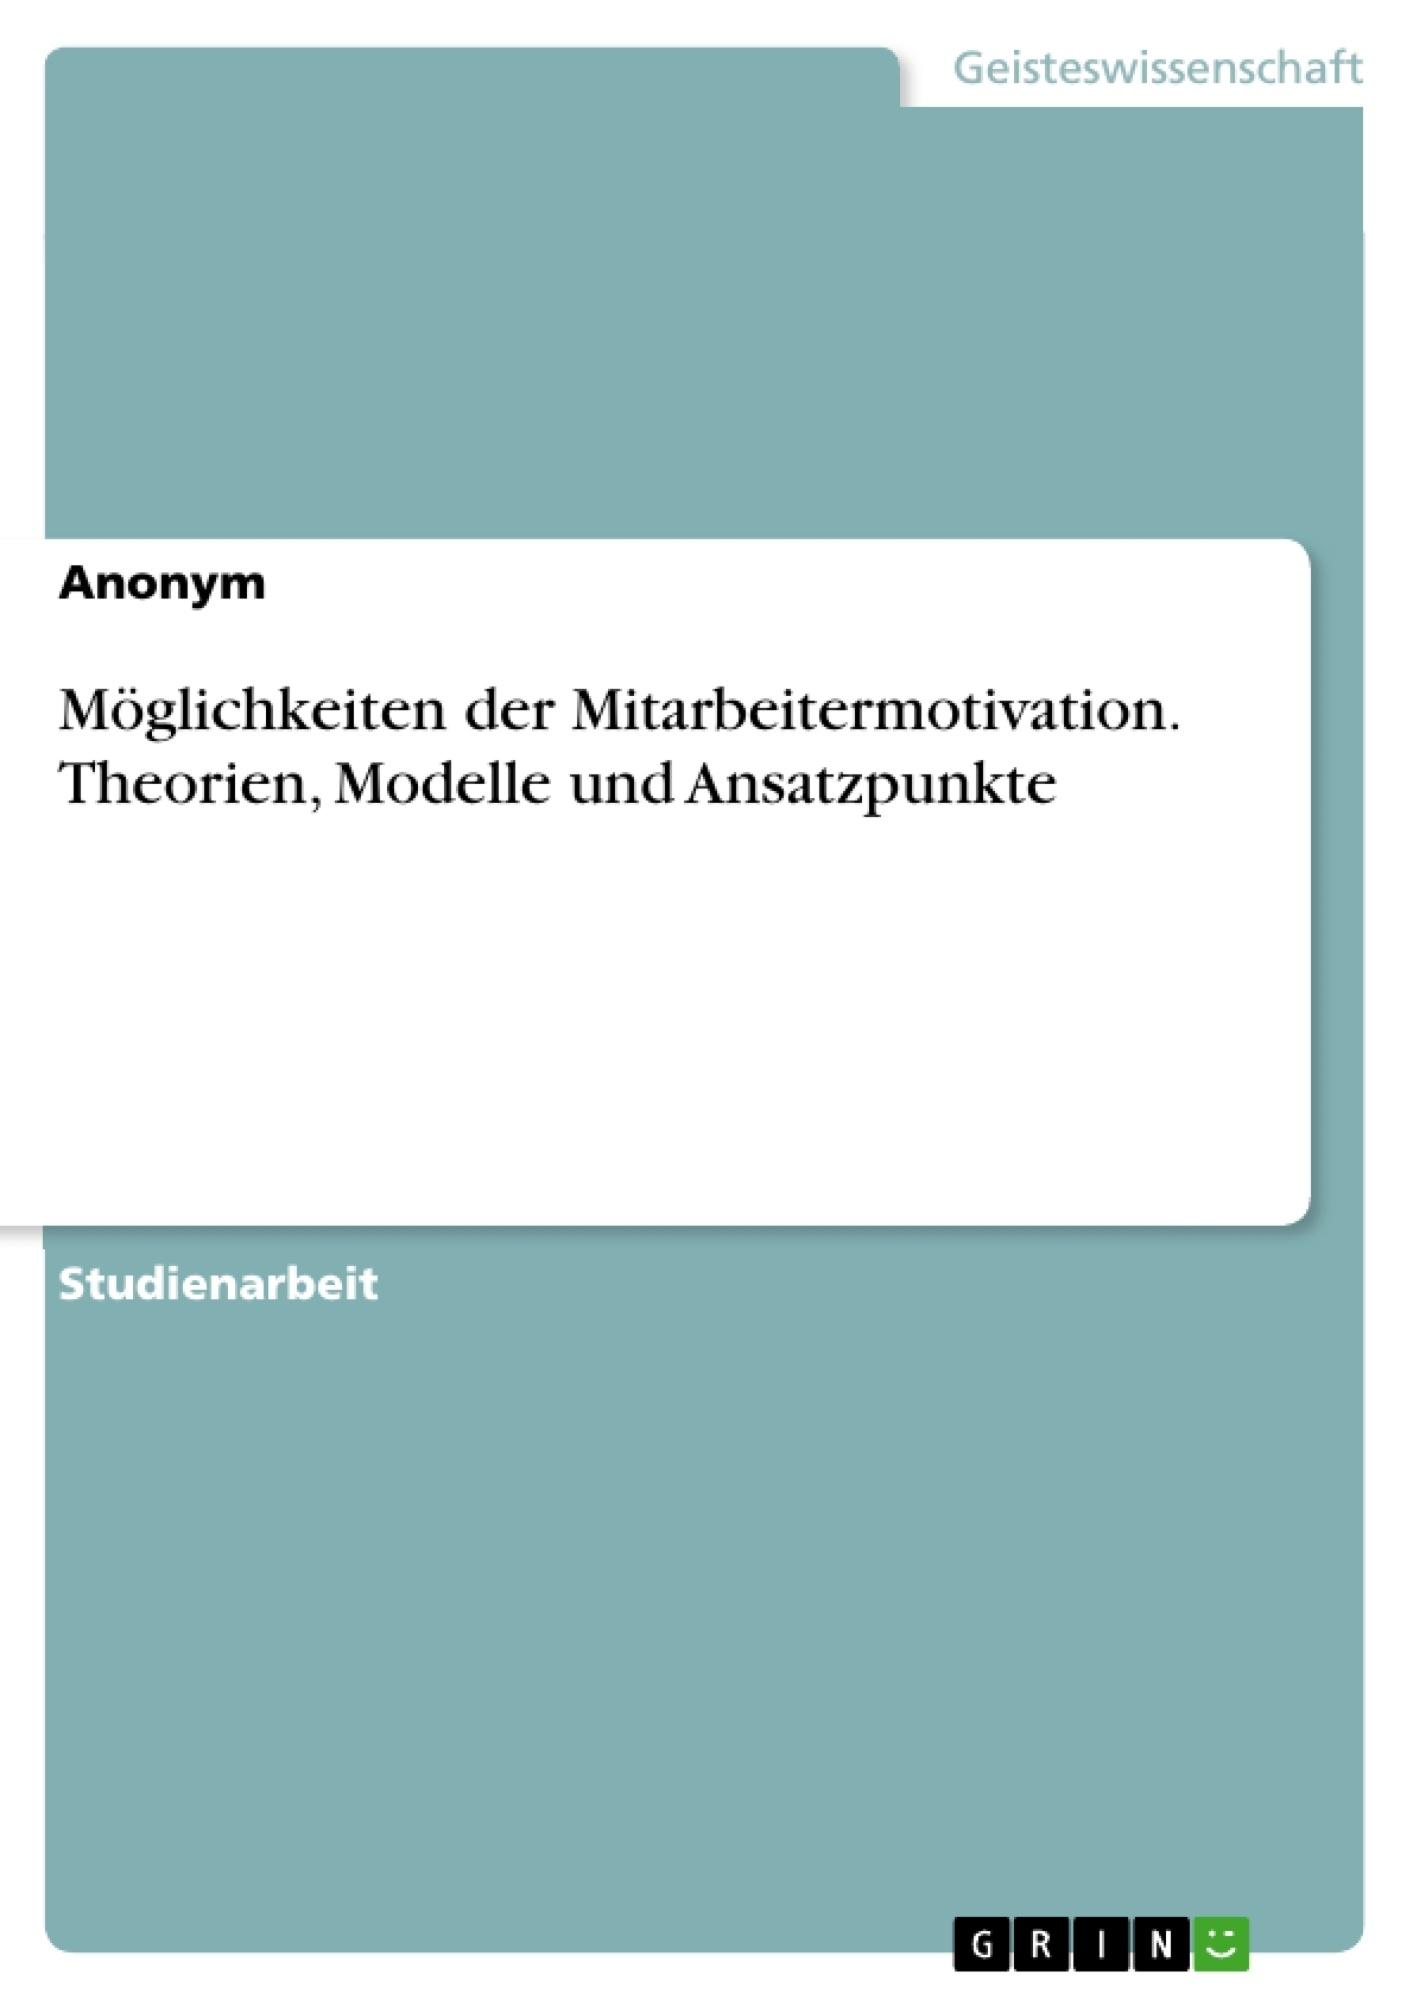 Titel: Möglichkeiten der Mitarbeitermotivation. Theorien, Modelle und Ansatzpunkte